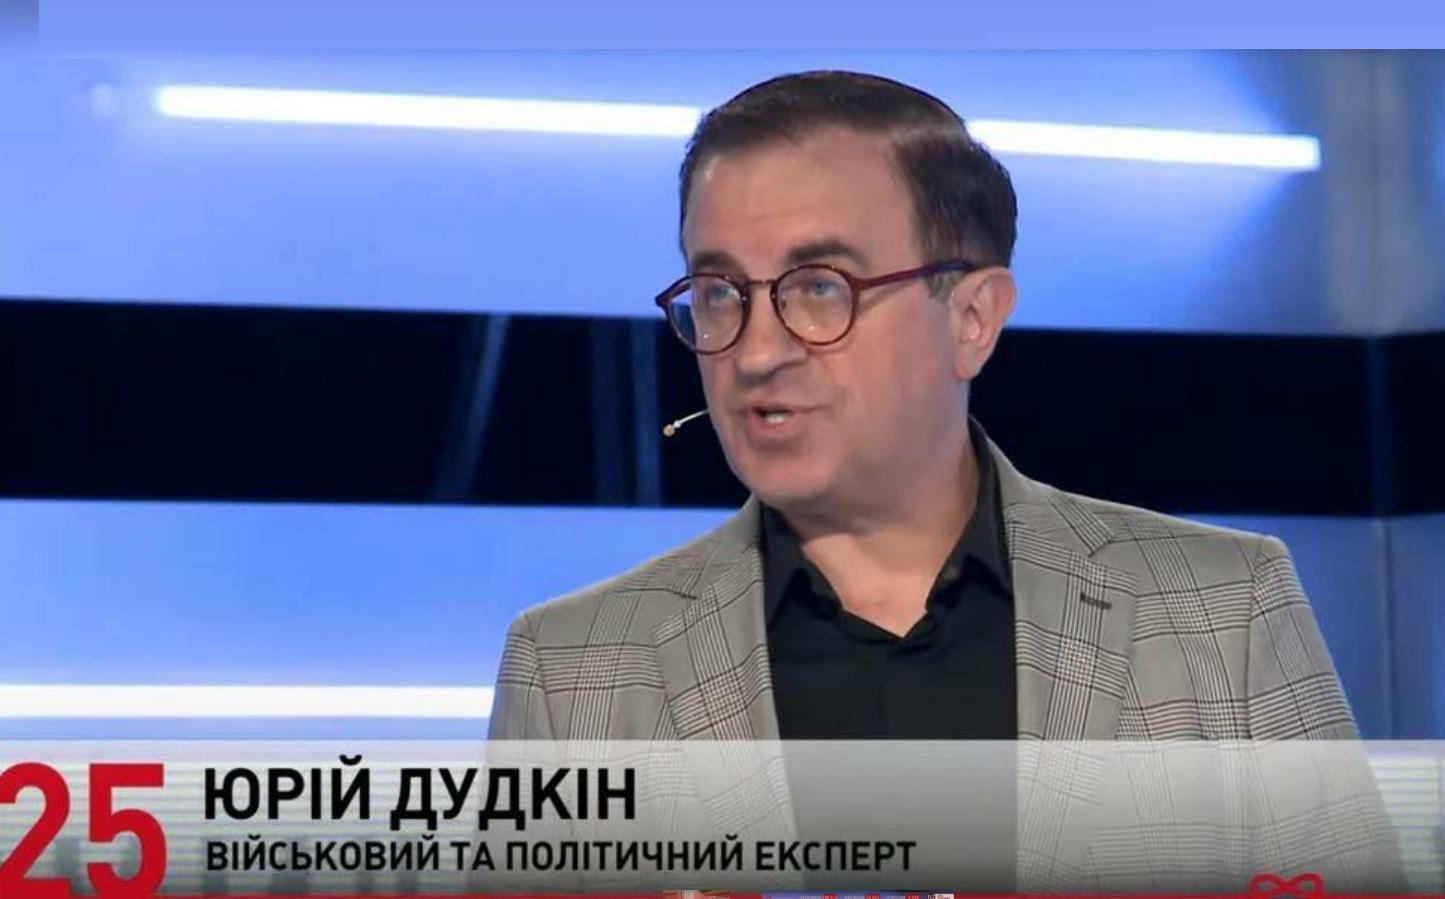 Политического эксперта каналов Медведчука обвиняют в госизмене: у Дудкина в квартире обыск силовиков